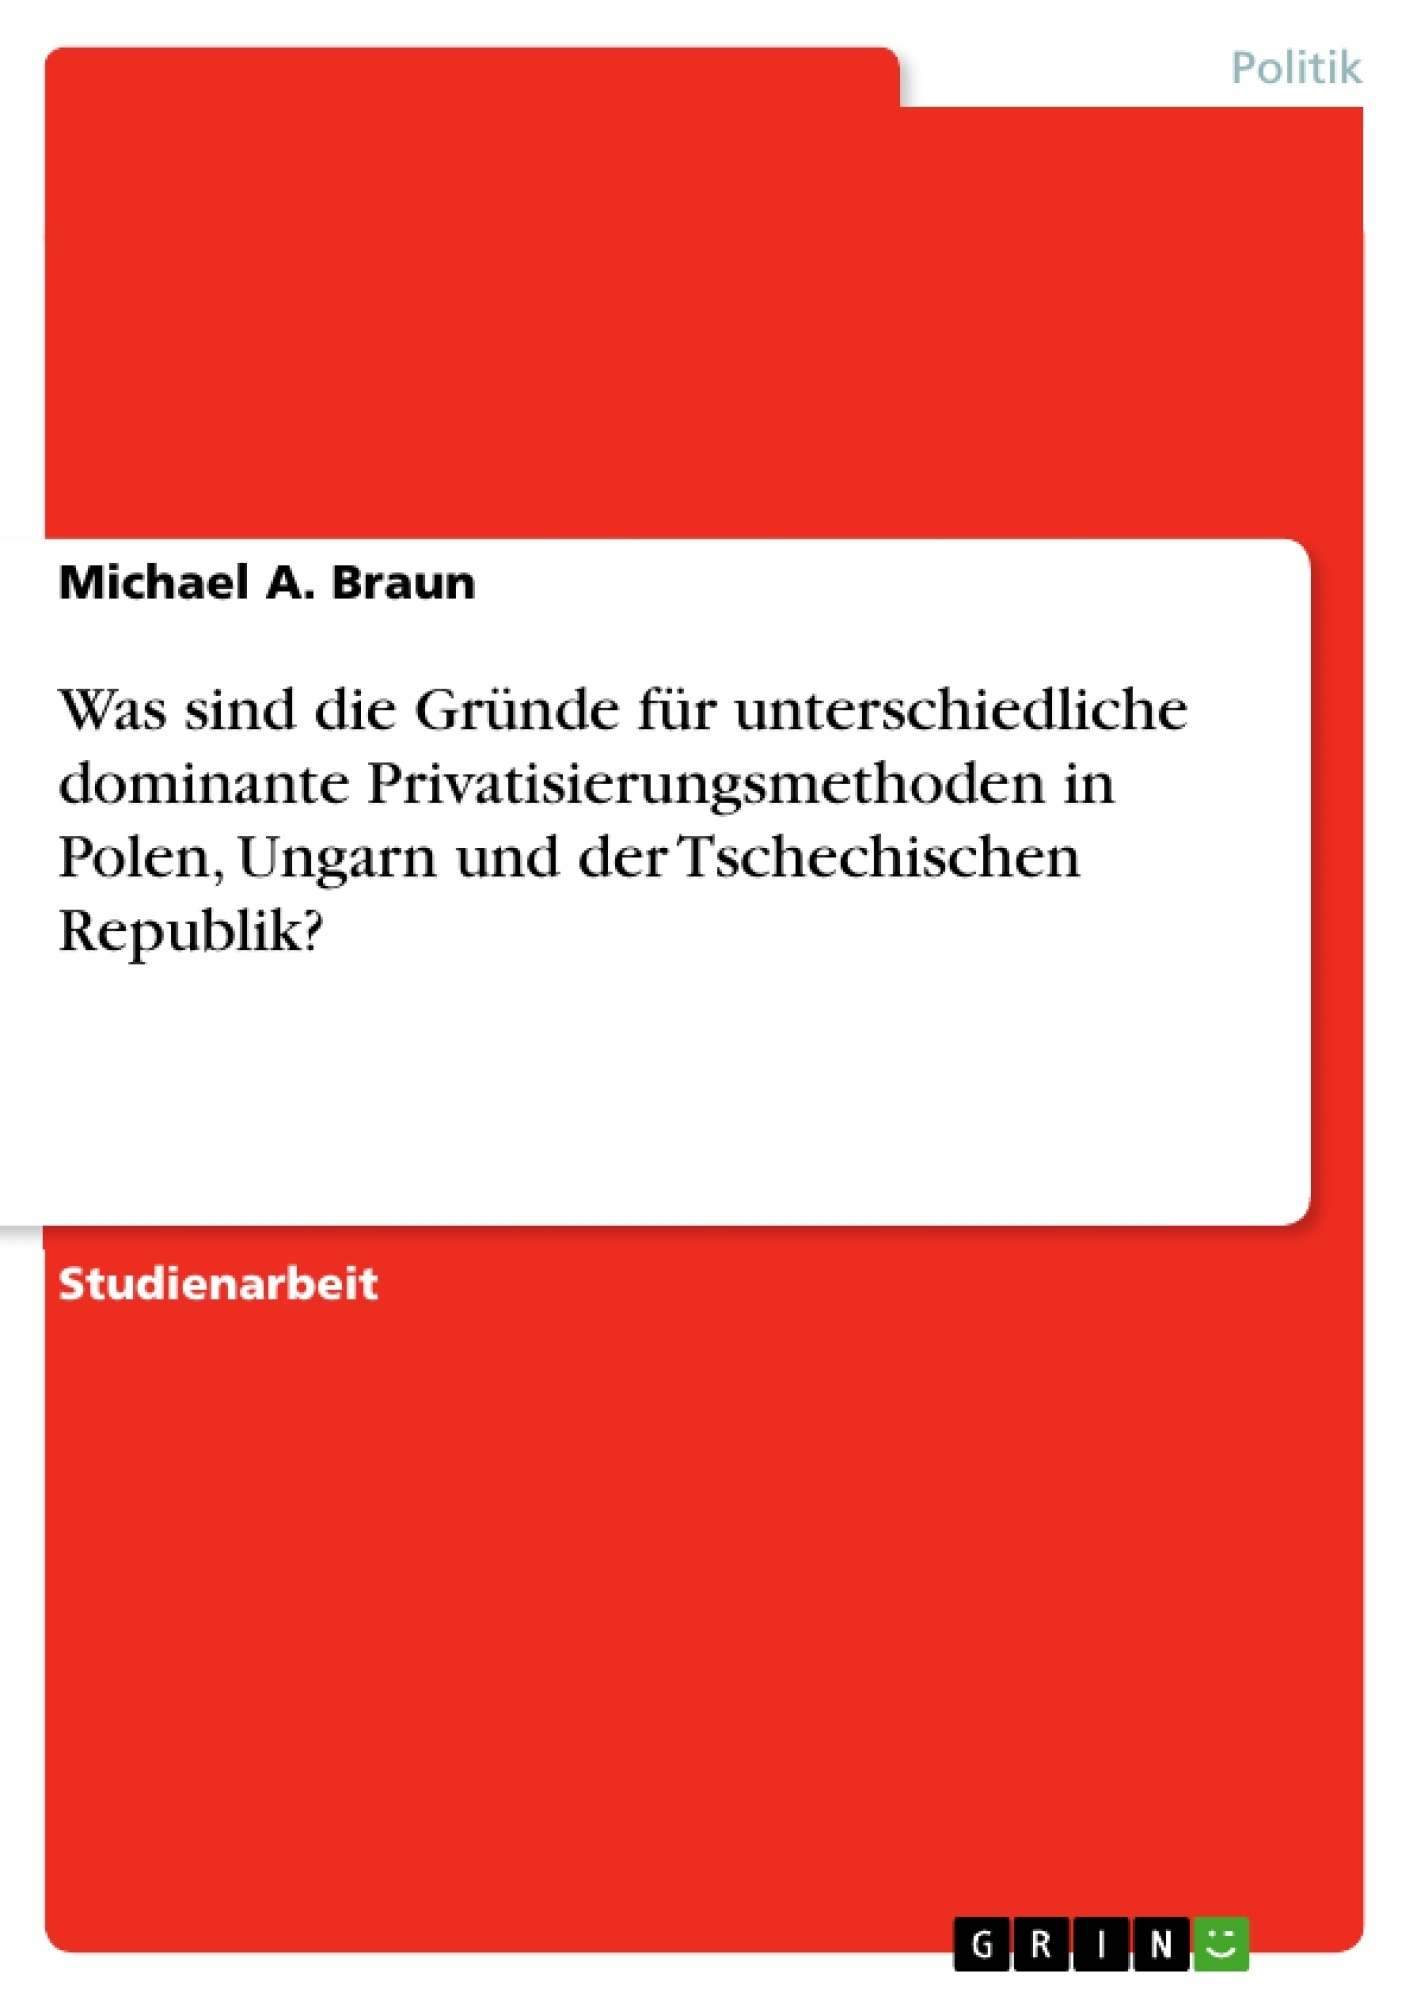 Titel: Was sind die Gründe für unterschiedliche dominante Privatisierungsmethoden in Polen, Ungarn und der Tschechischen Republik?